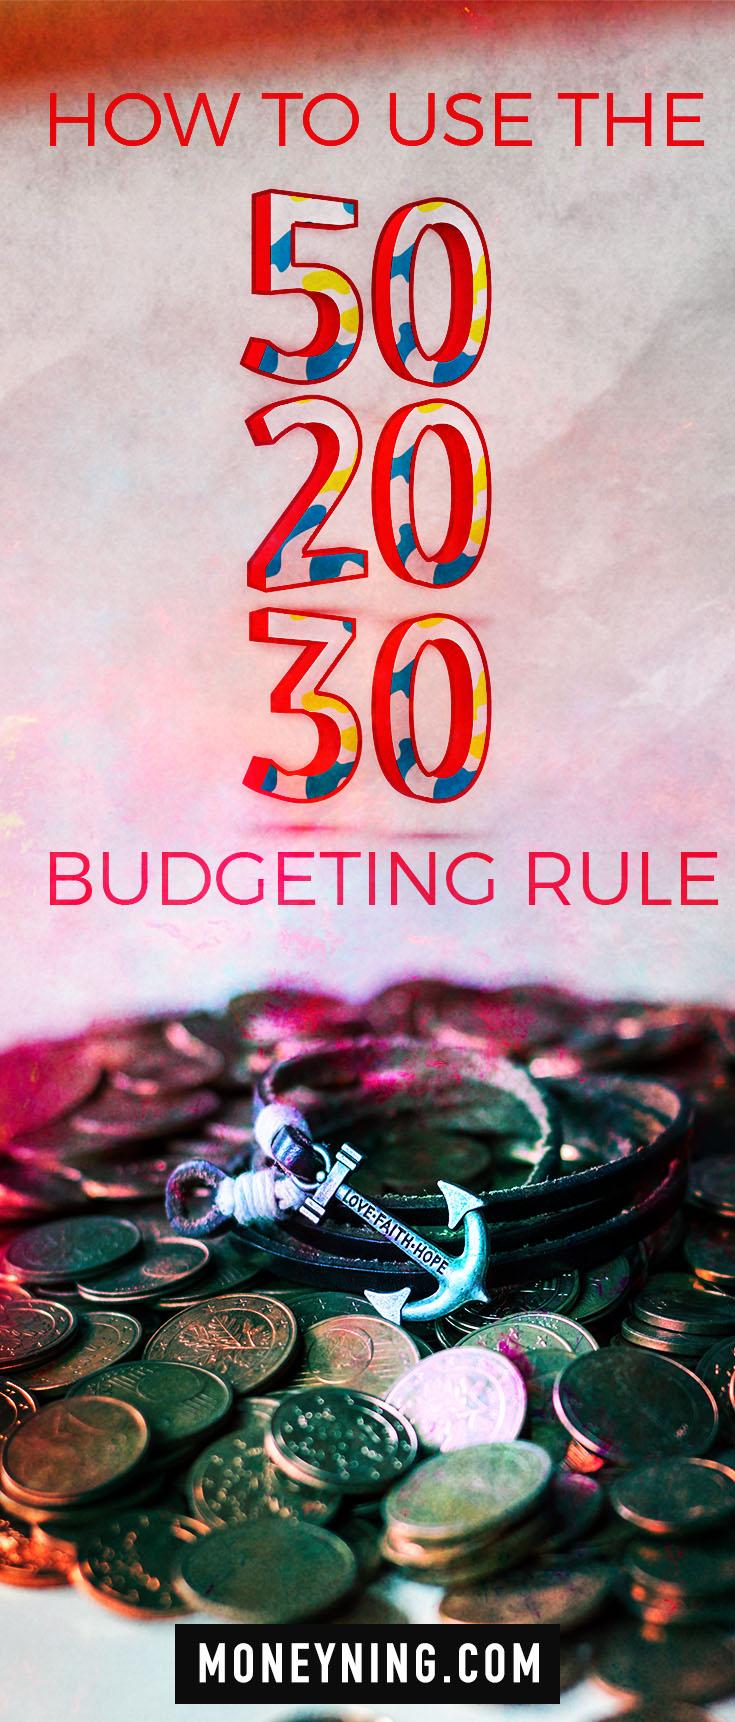 budgeting rule